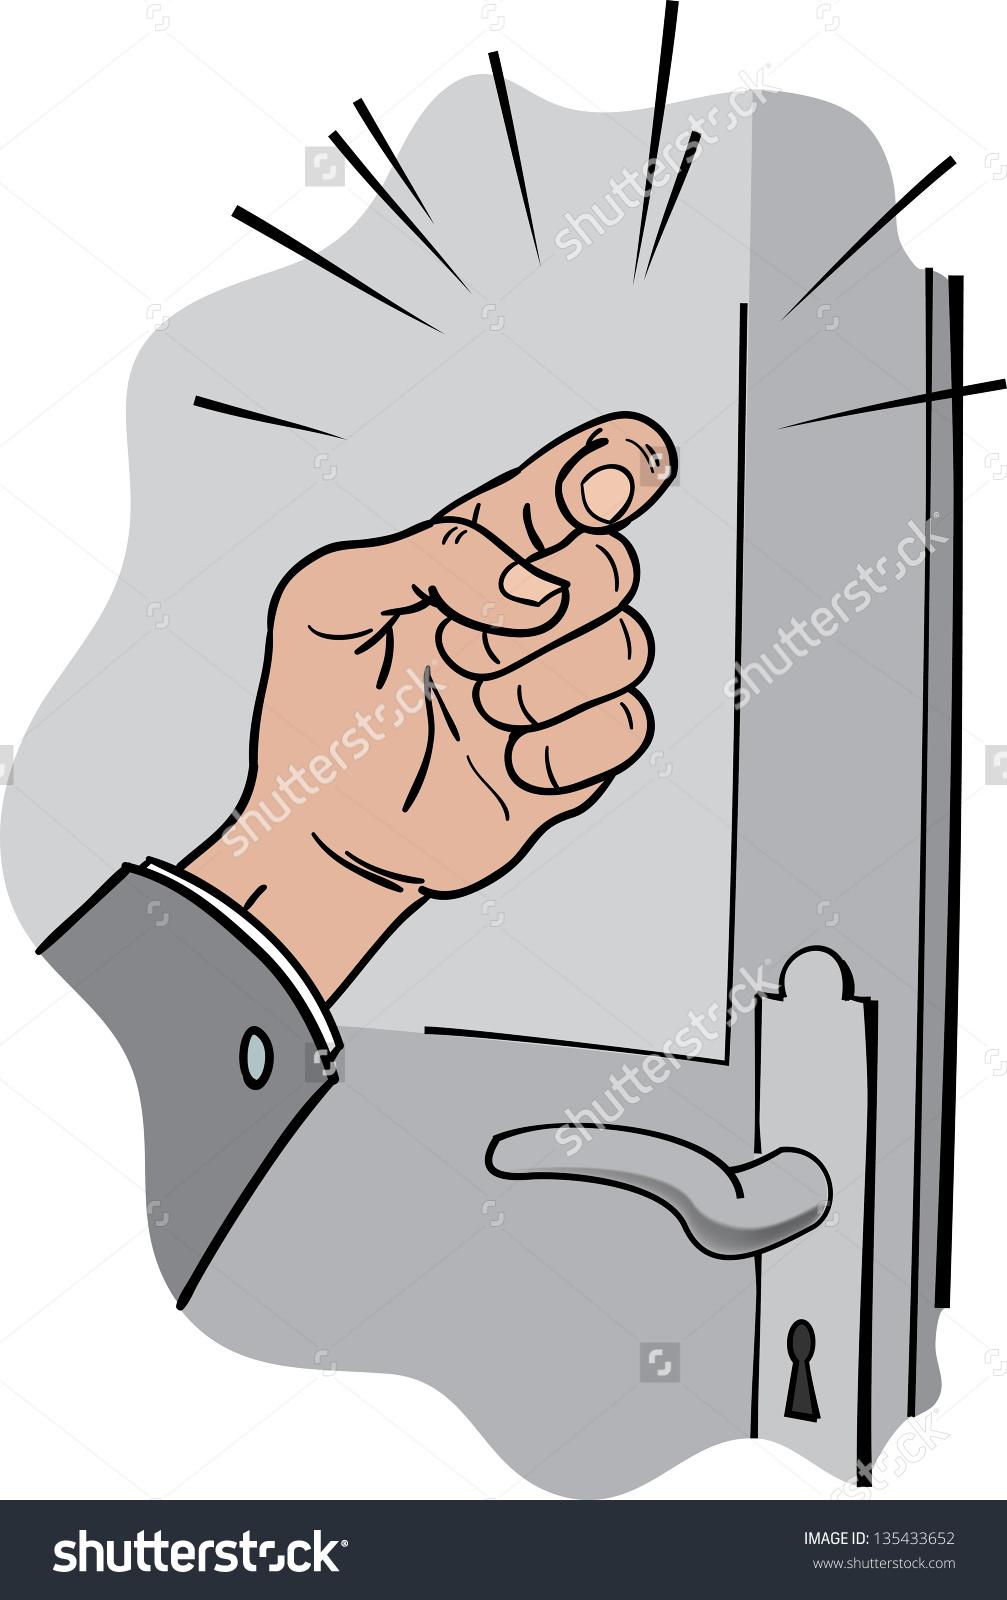 Hand knocking on door clipart.